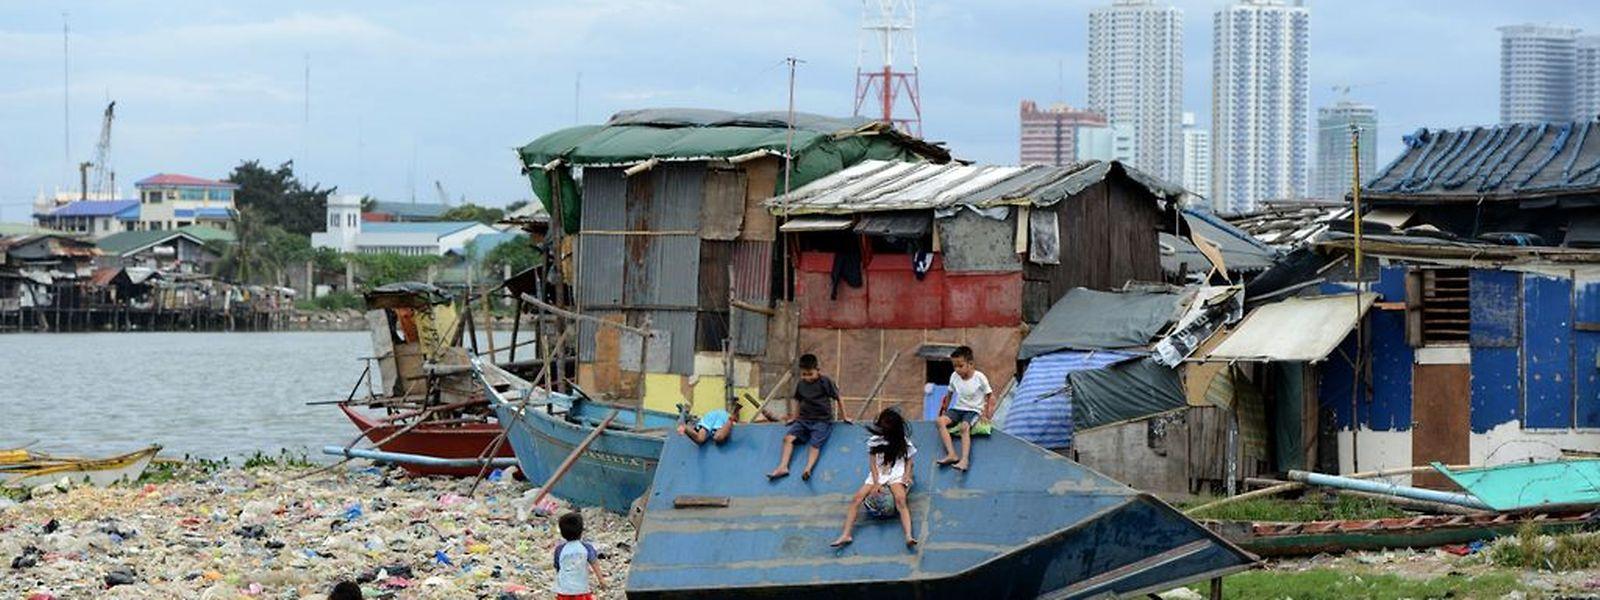 Die Behörden richteten ihr Augenmerk am Sonntag auf die Millionenmetropole Manila. Dort sollen die ersten Ausläufer in der Nacht zu Montag zu spüren sein.